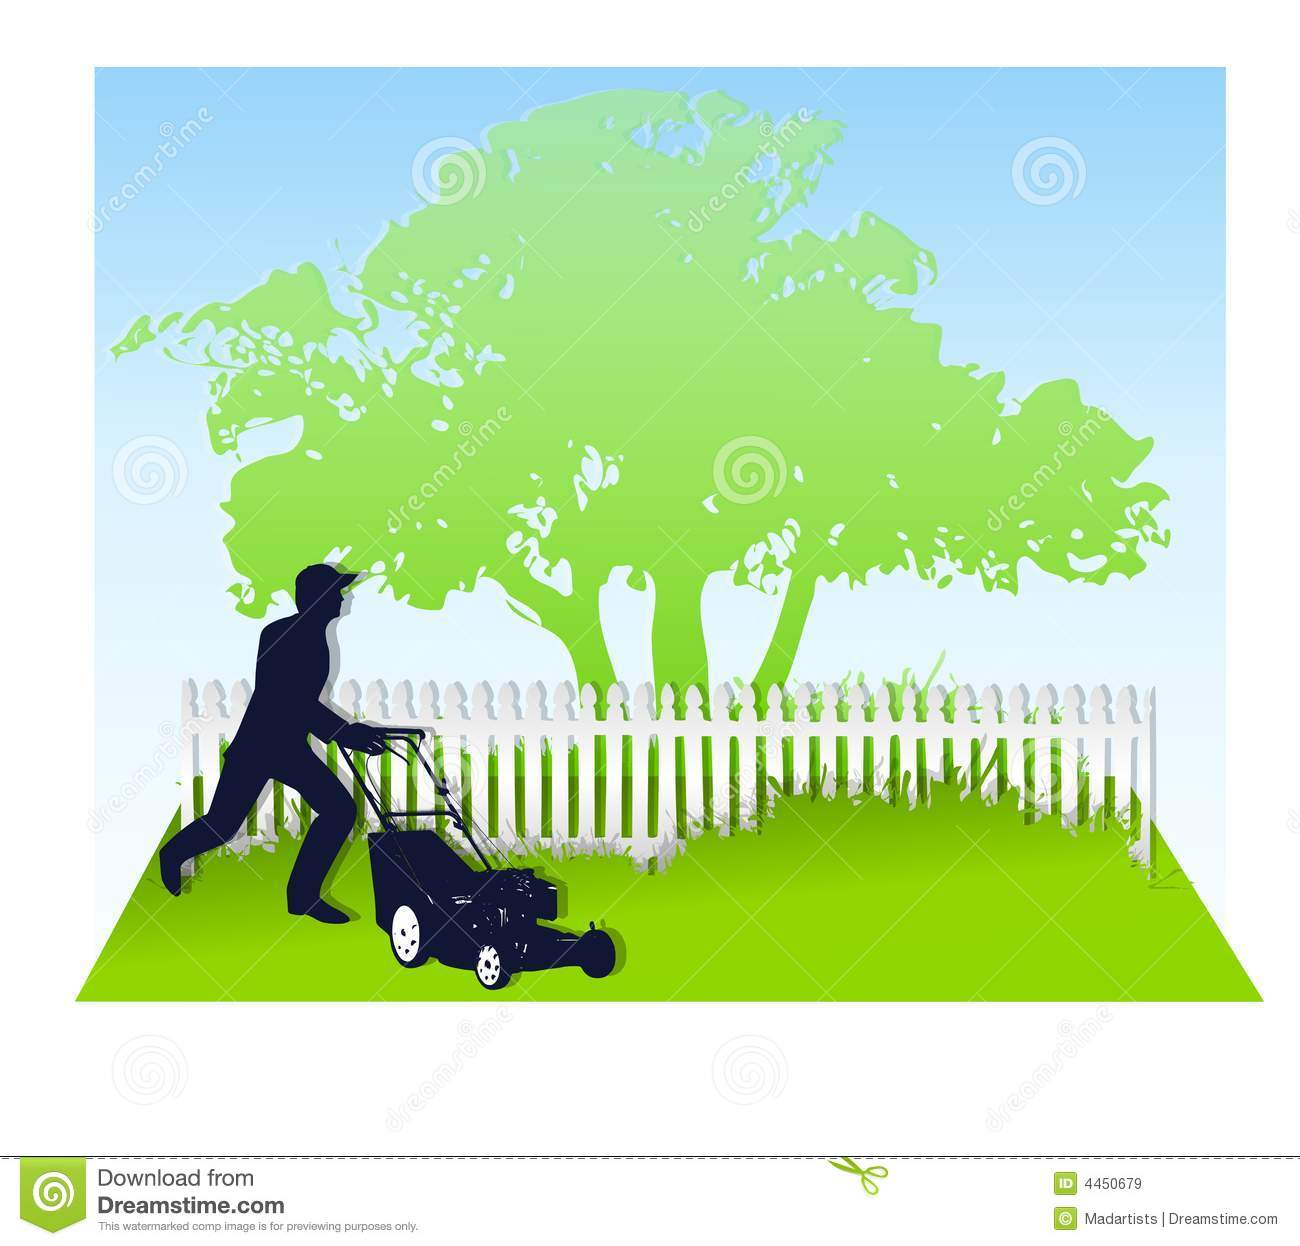 Grass clipart lawn care service #1